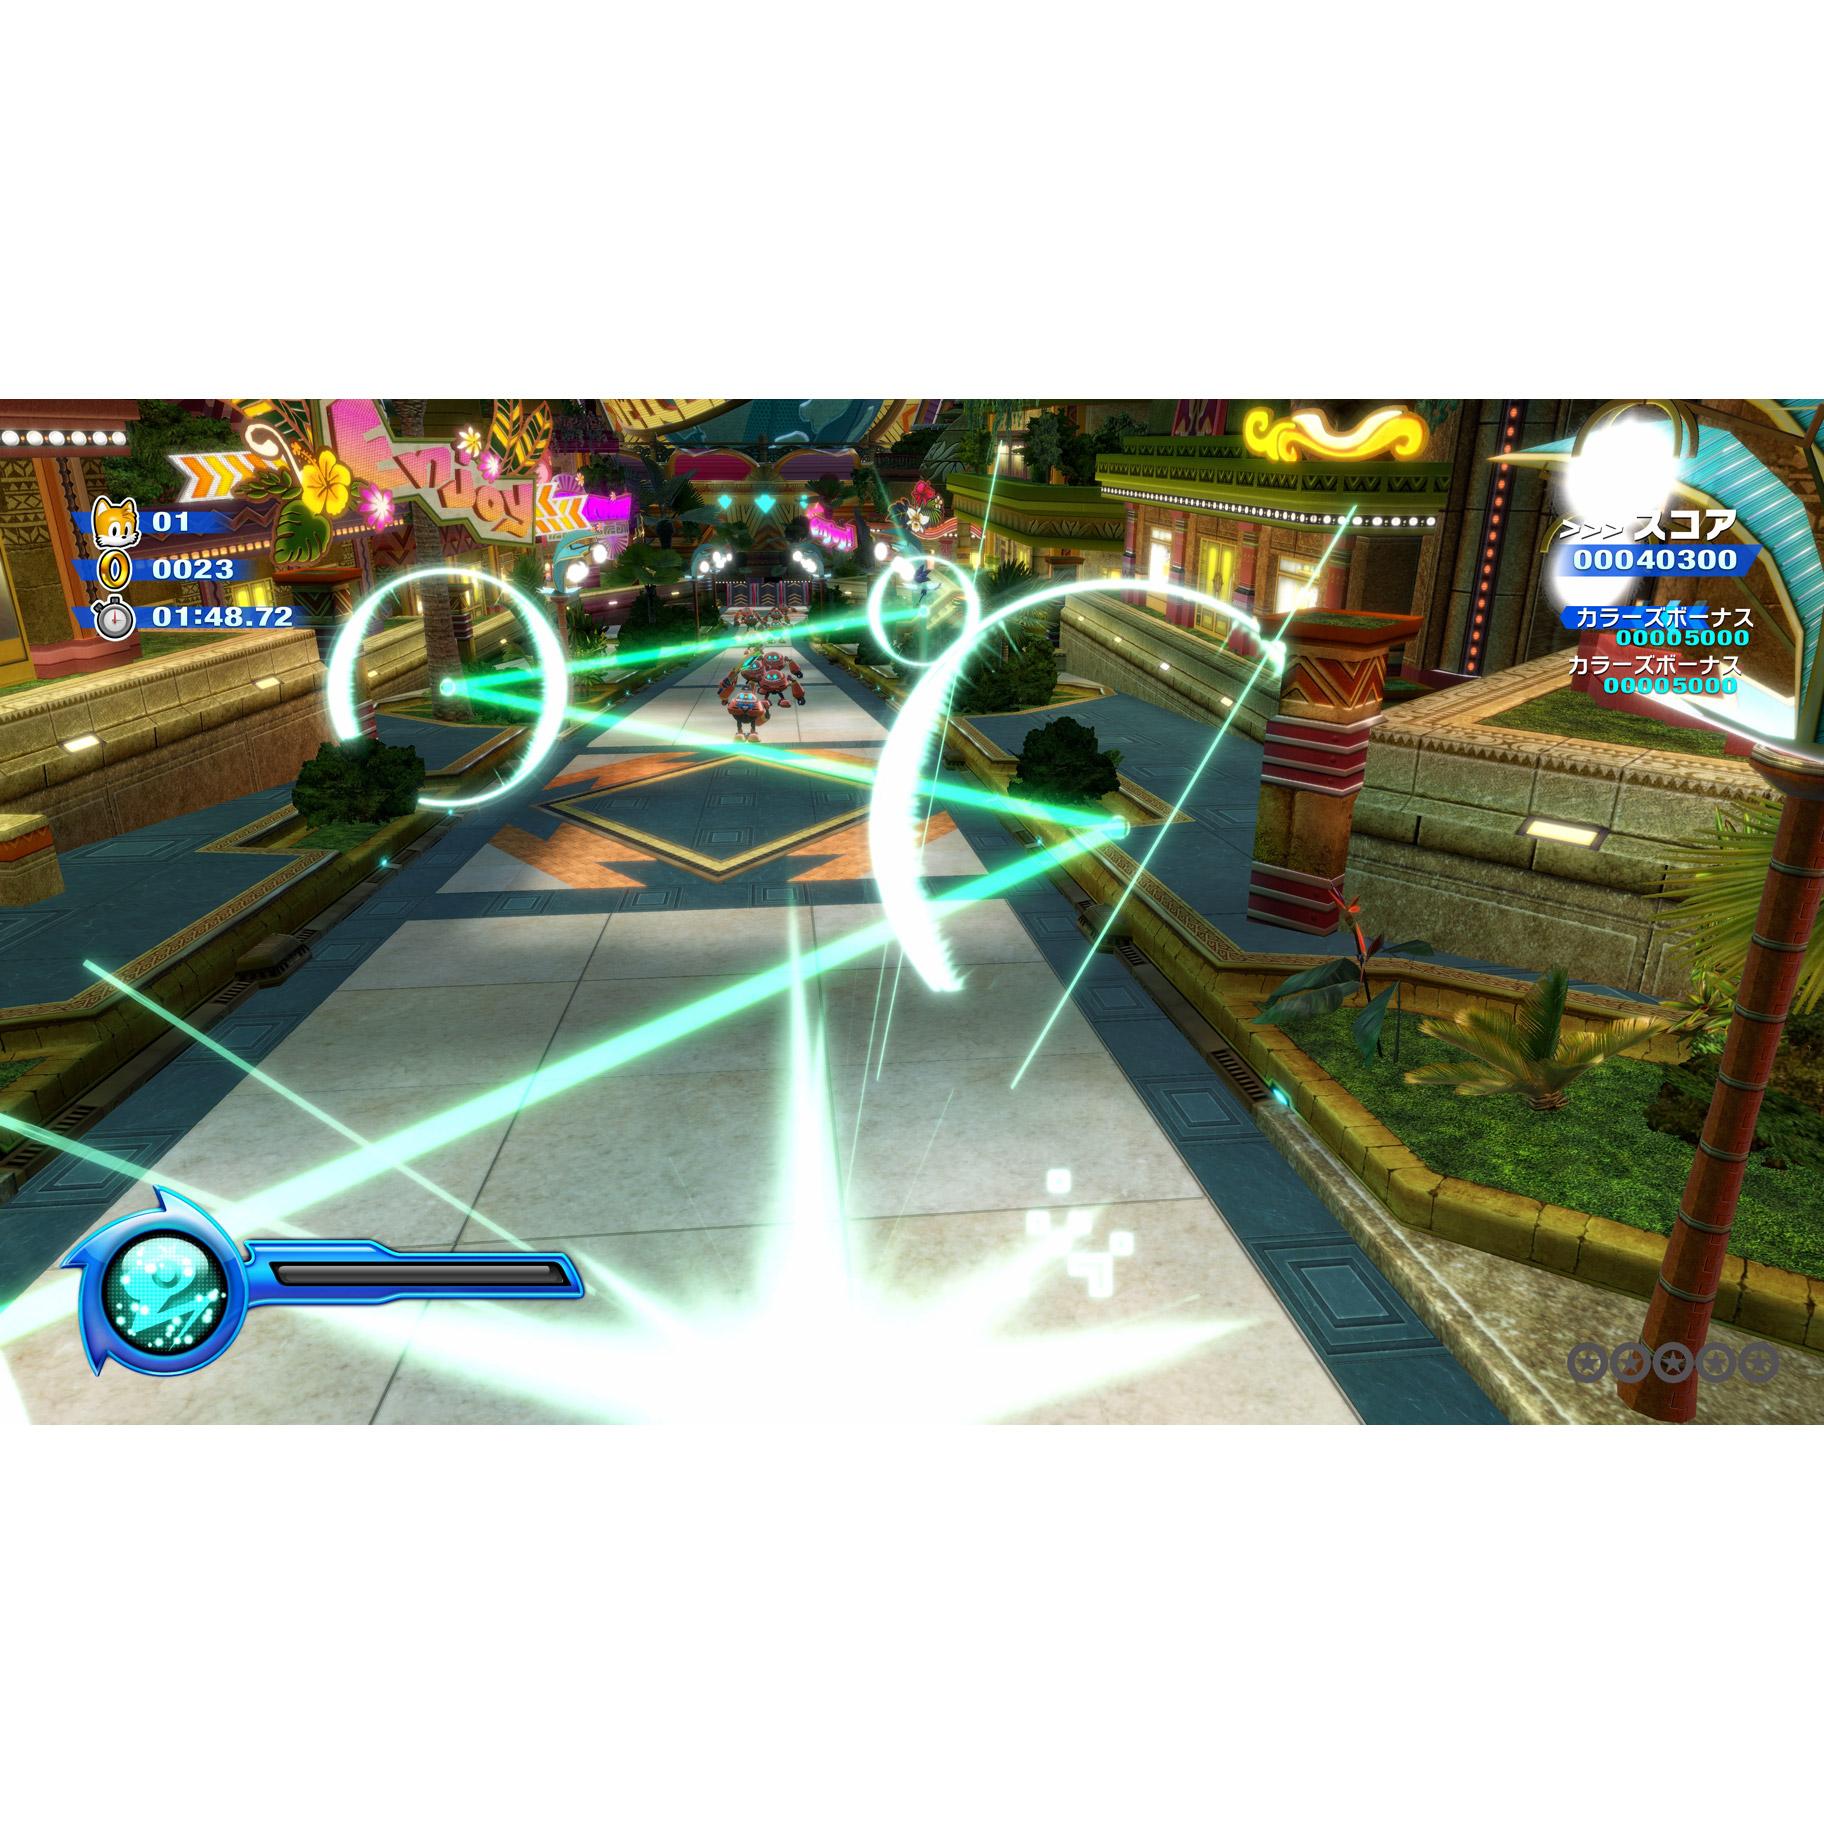 ソニックカラーズ アルティメット 30thアニバーサリーパッケージ 【PS4ゲームソフト】_5